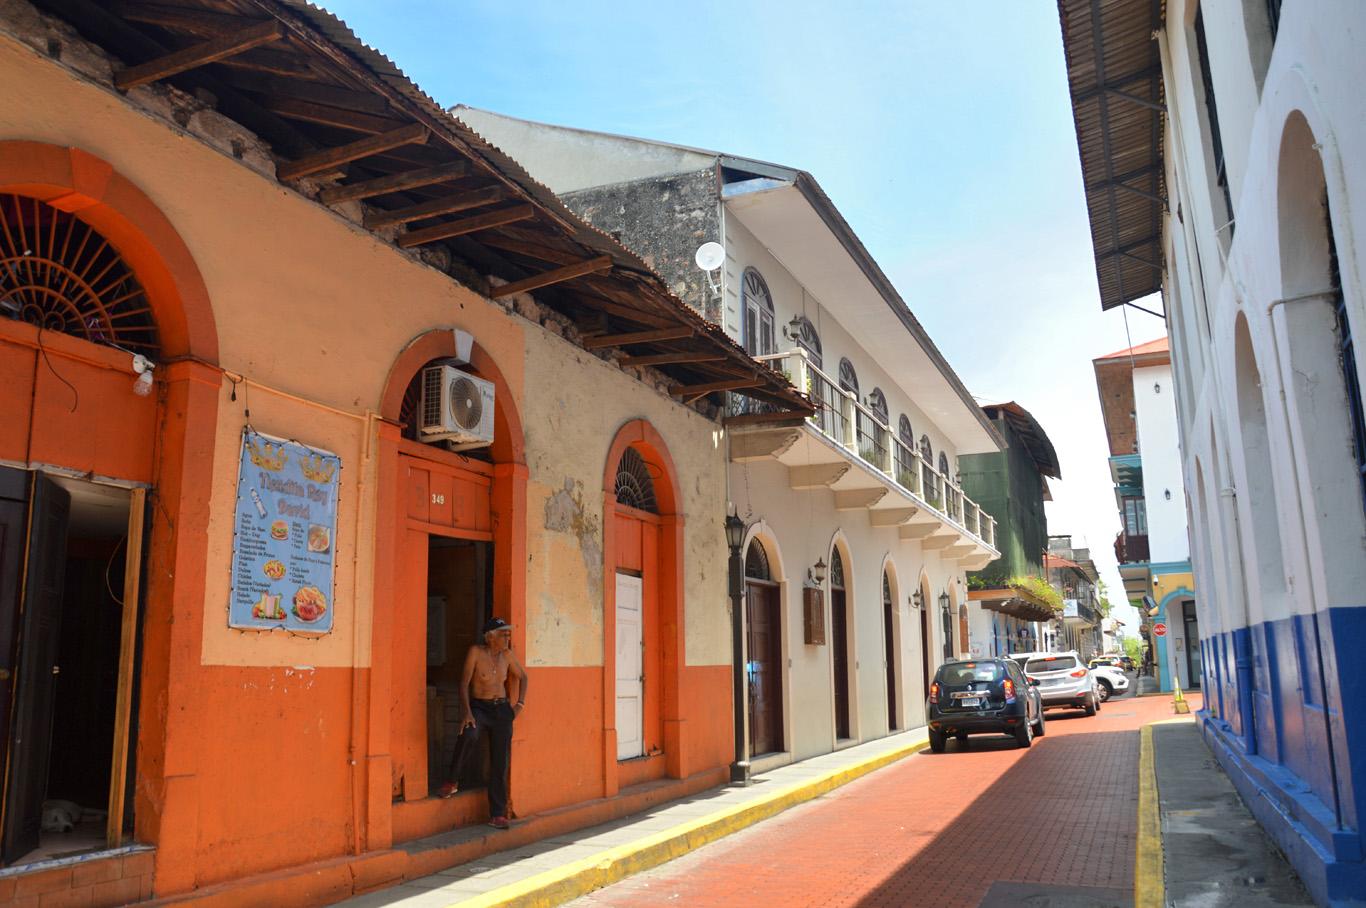 A street in Casco Viejo